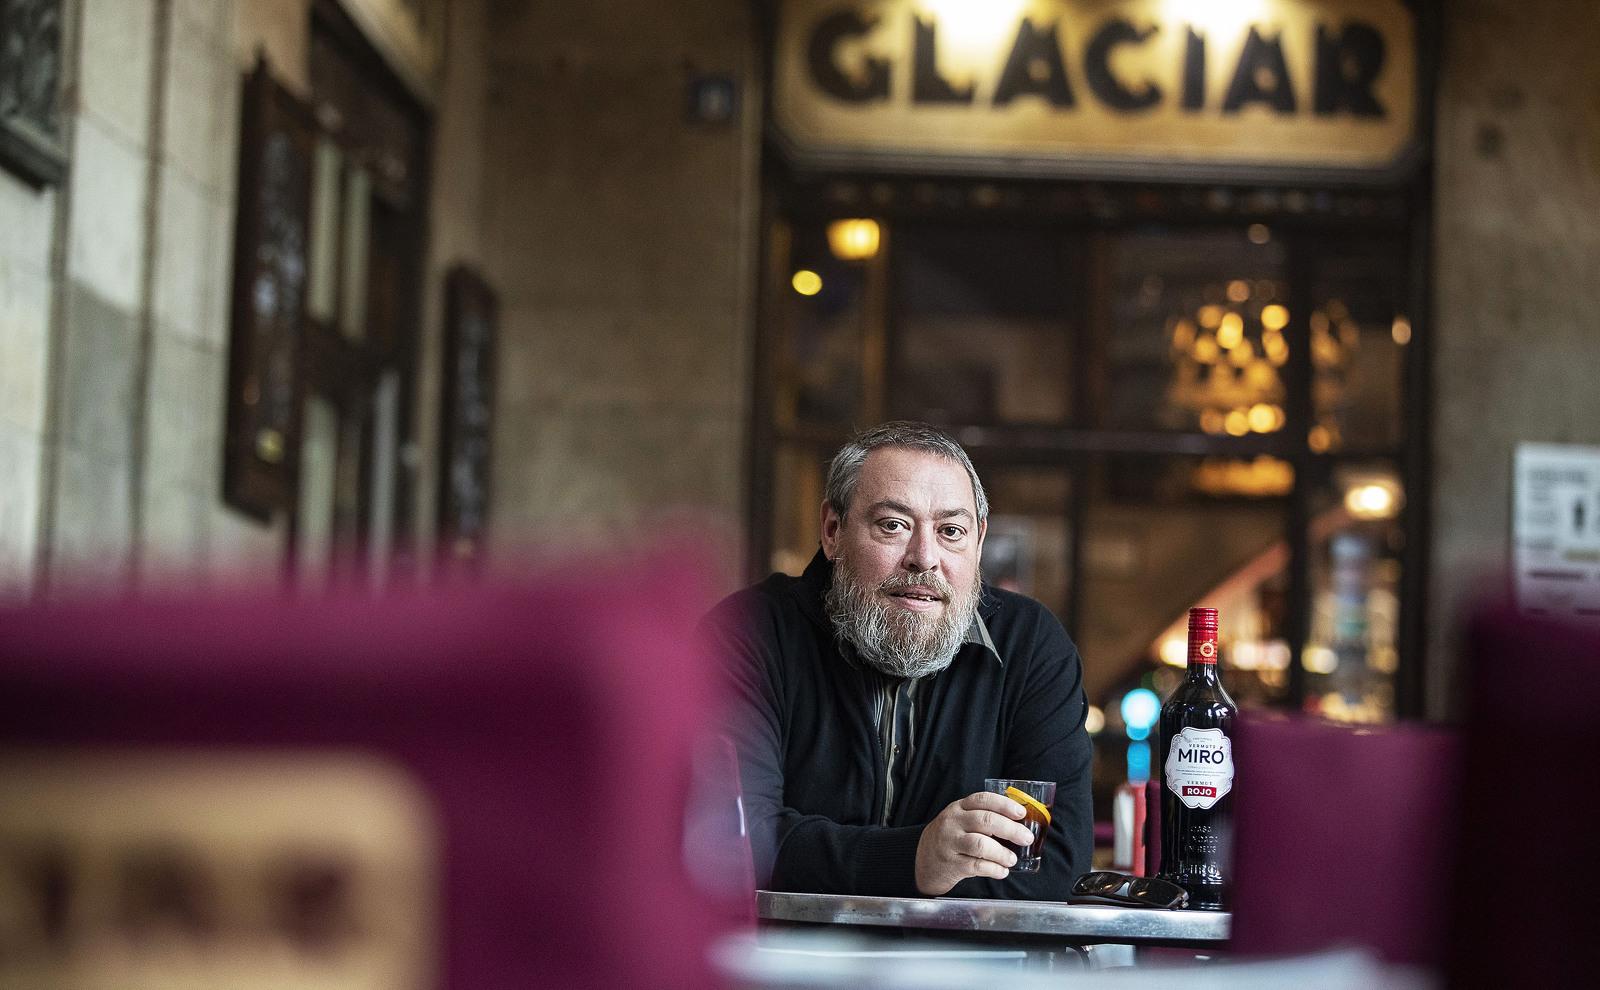 Xavier Theros s'asseu amb el Tot Barcelona a fer un vermut Miró